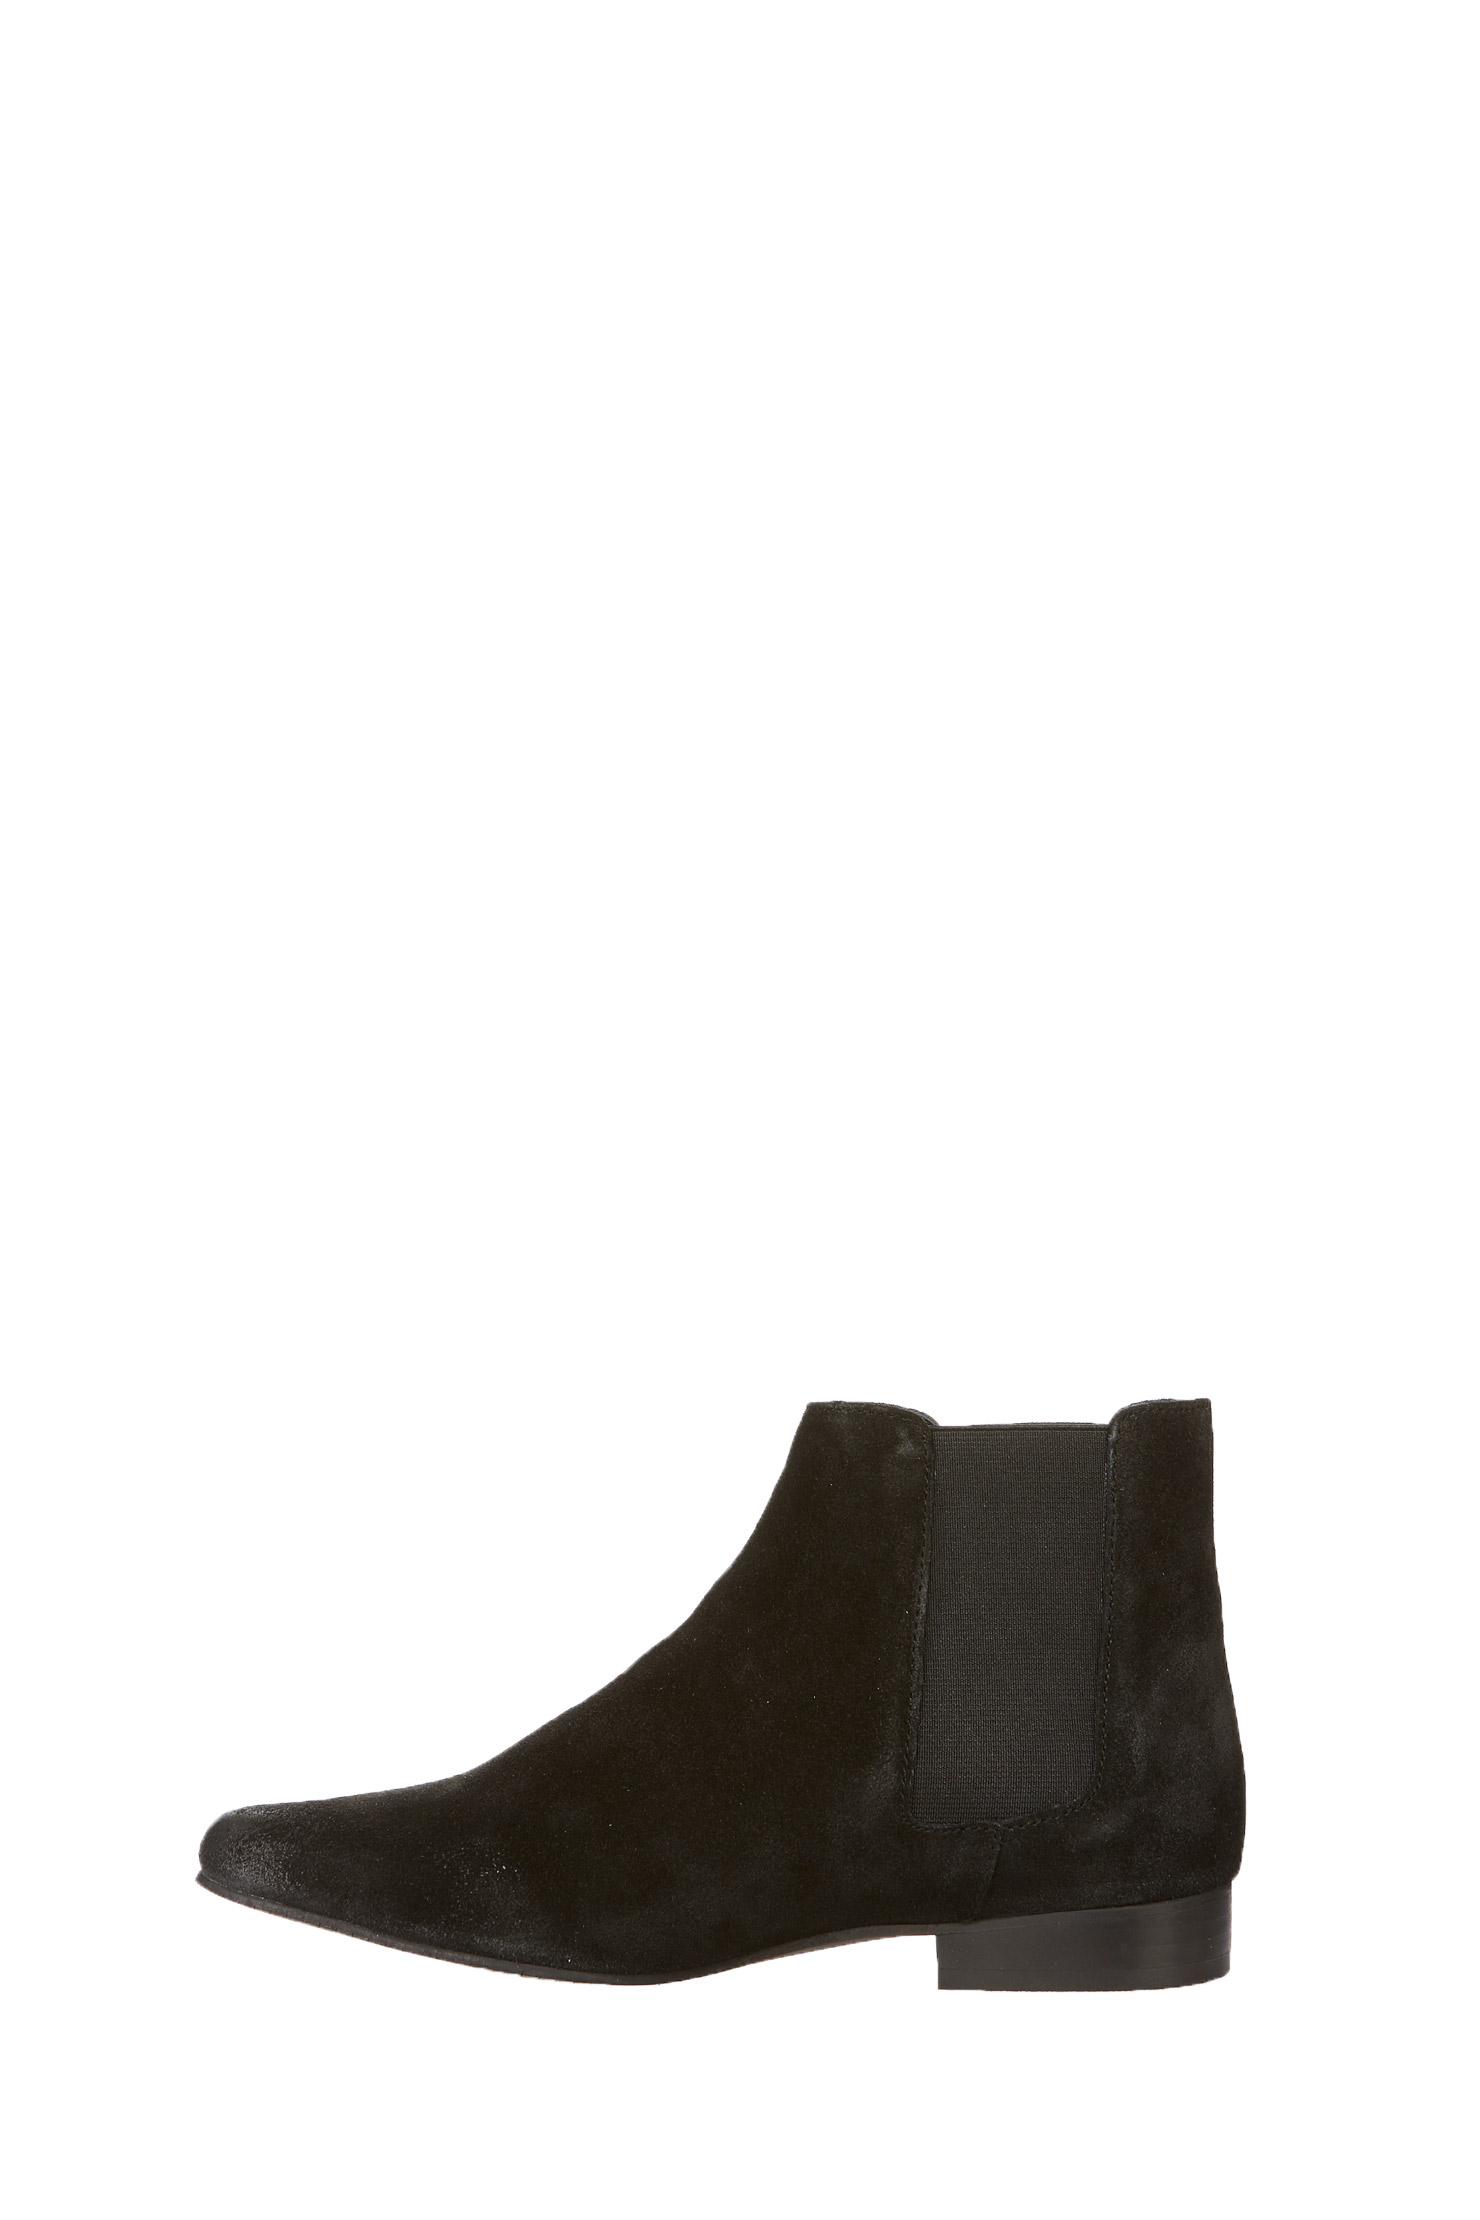 Elegant Home  WOMEN  Women Shoes  Sandals  PEPE JEANS HALE 999 BLACK